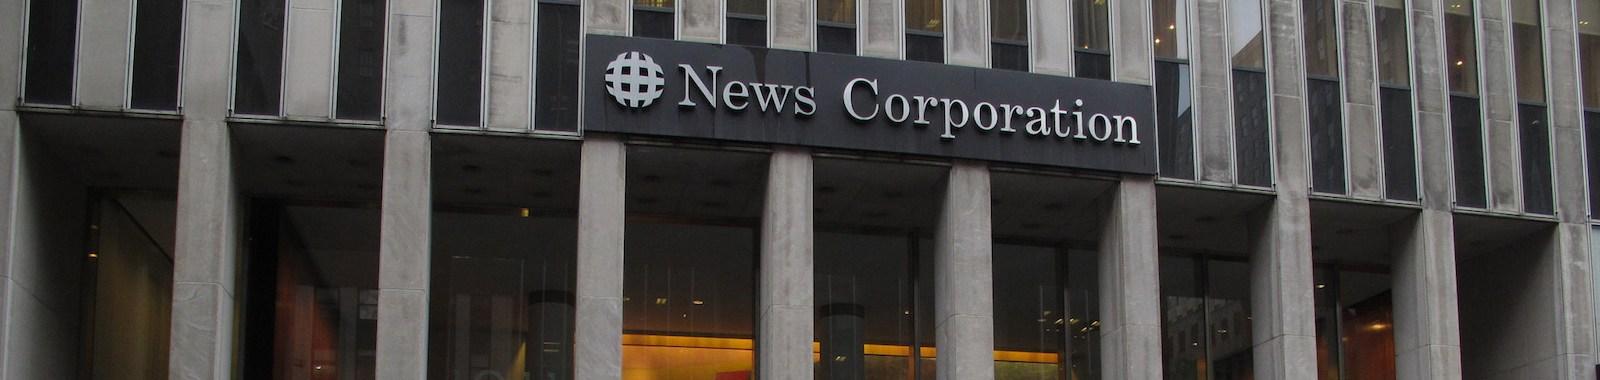 News Corp_eye